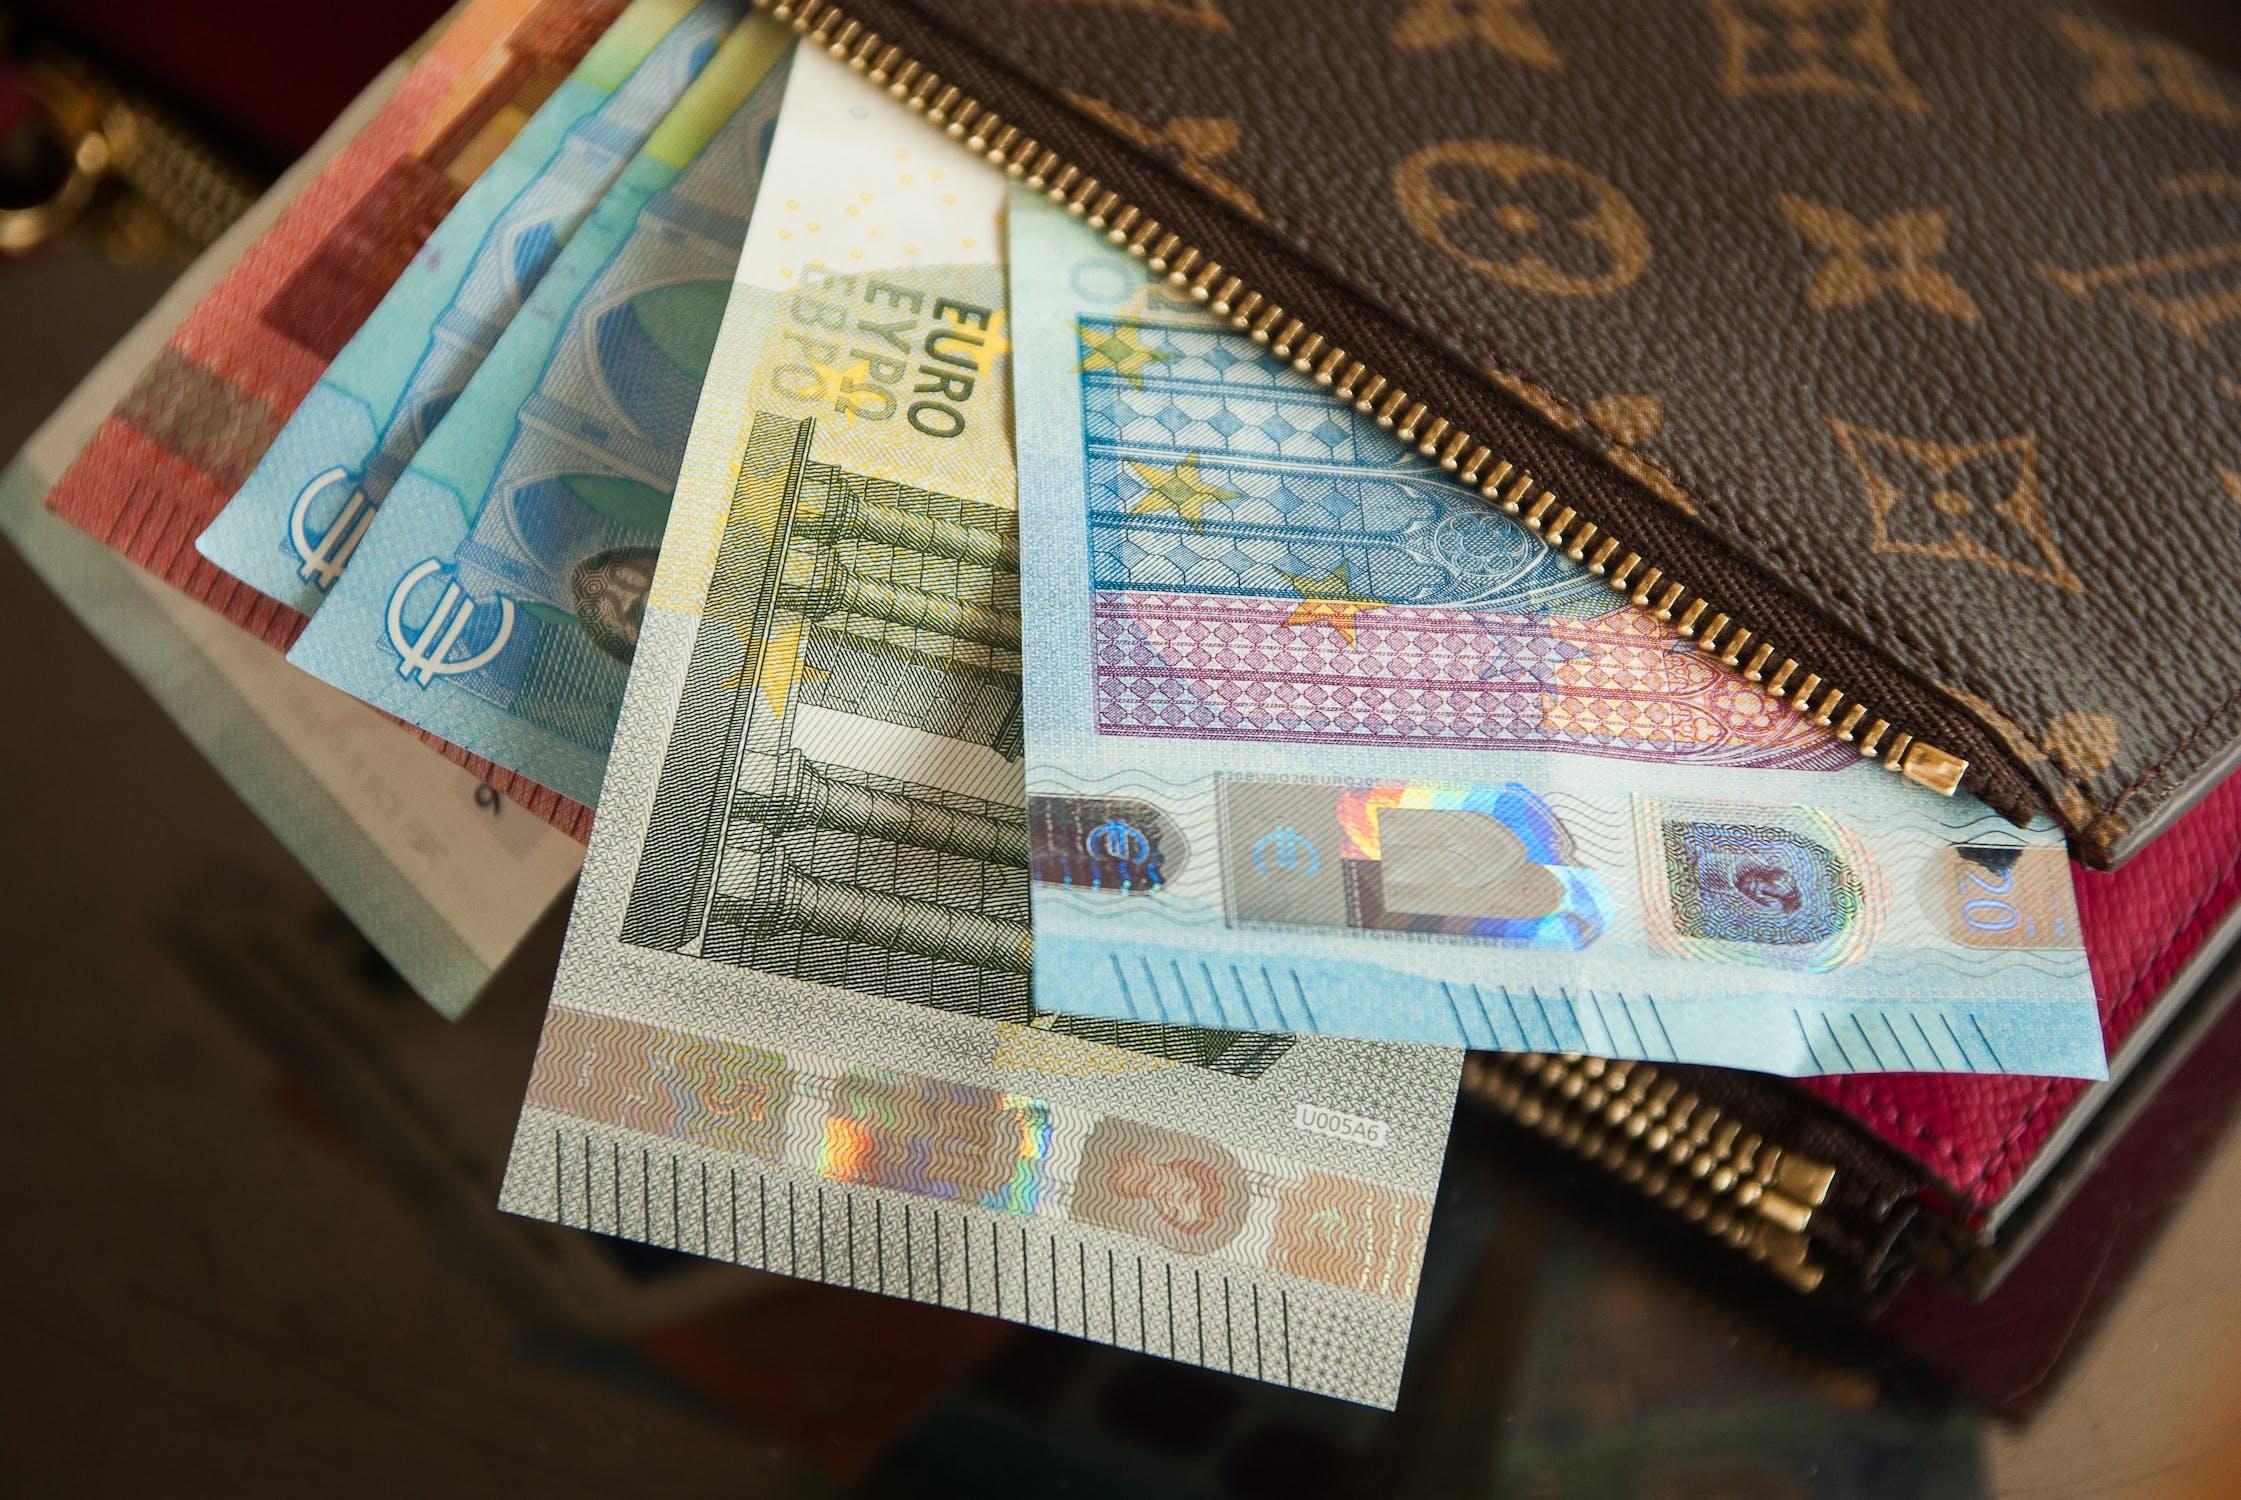 Krátkodobé půjčky před výplatouch